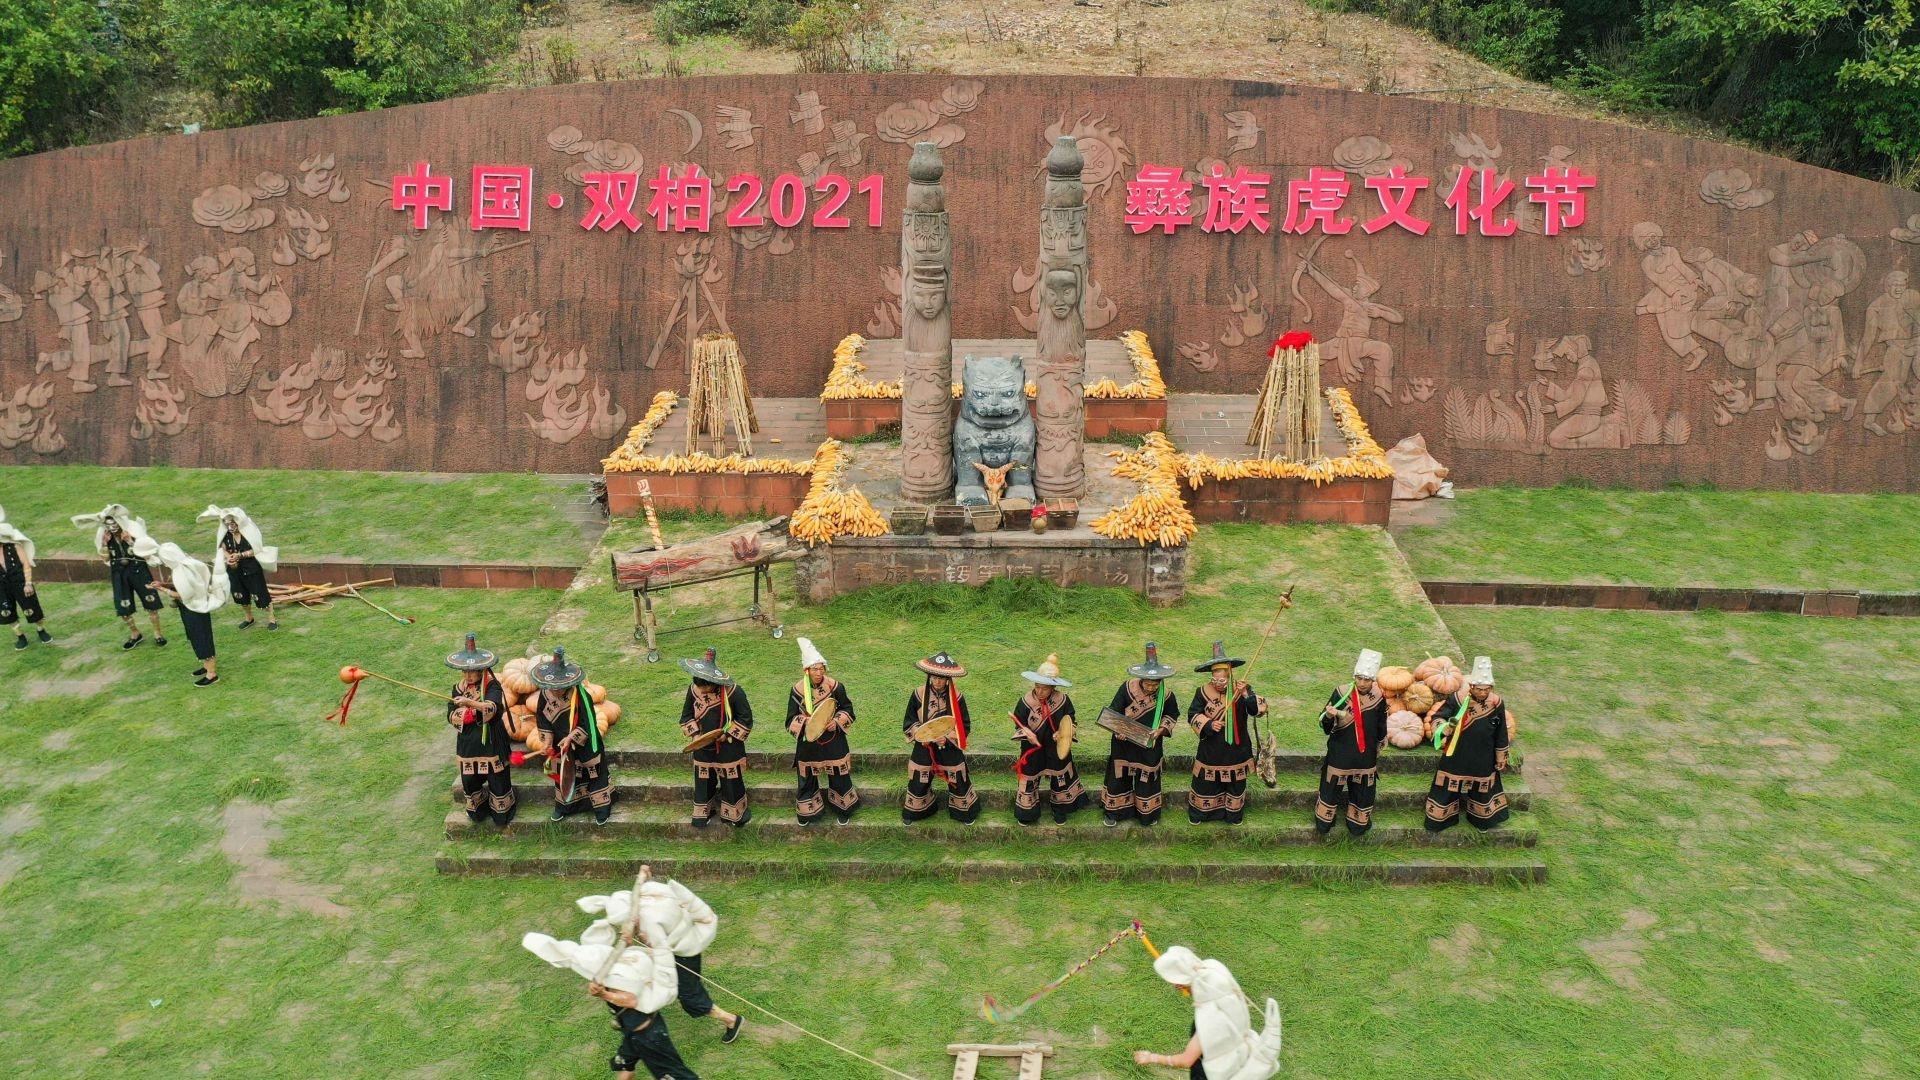 图集 | 双柏彝族老虎笙节